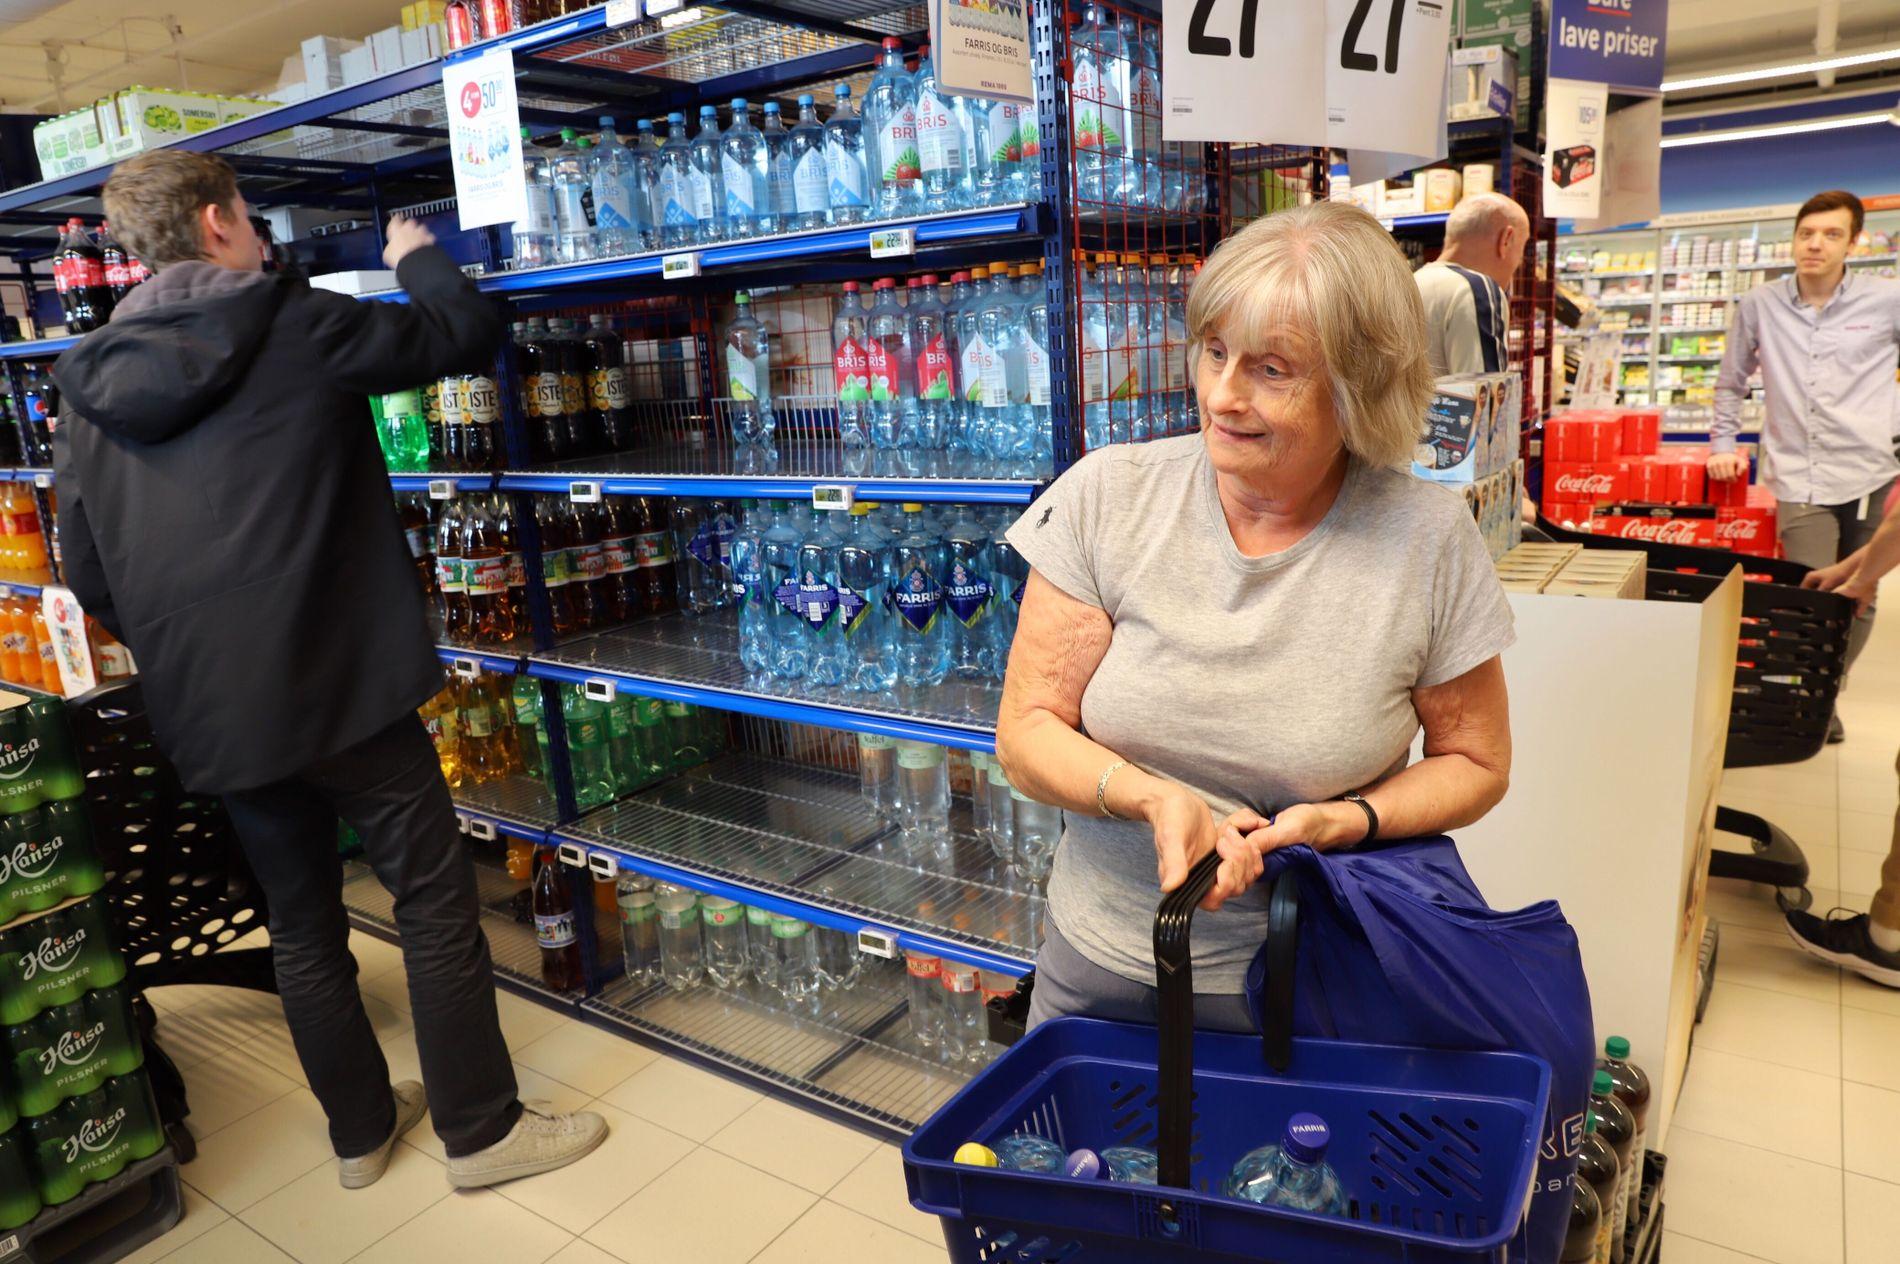 HANDLER VANN: Karin Johnstad og mange andre har reist til butikken for å kjøpe vann etter at det ble sendt ut kokevarsel torsdag ettermiddag.